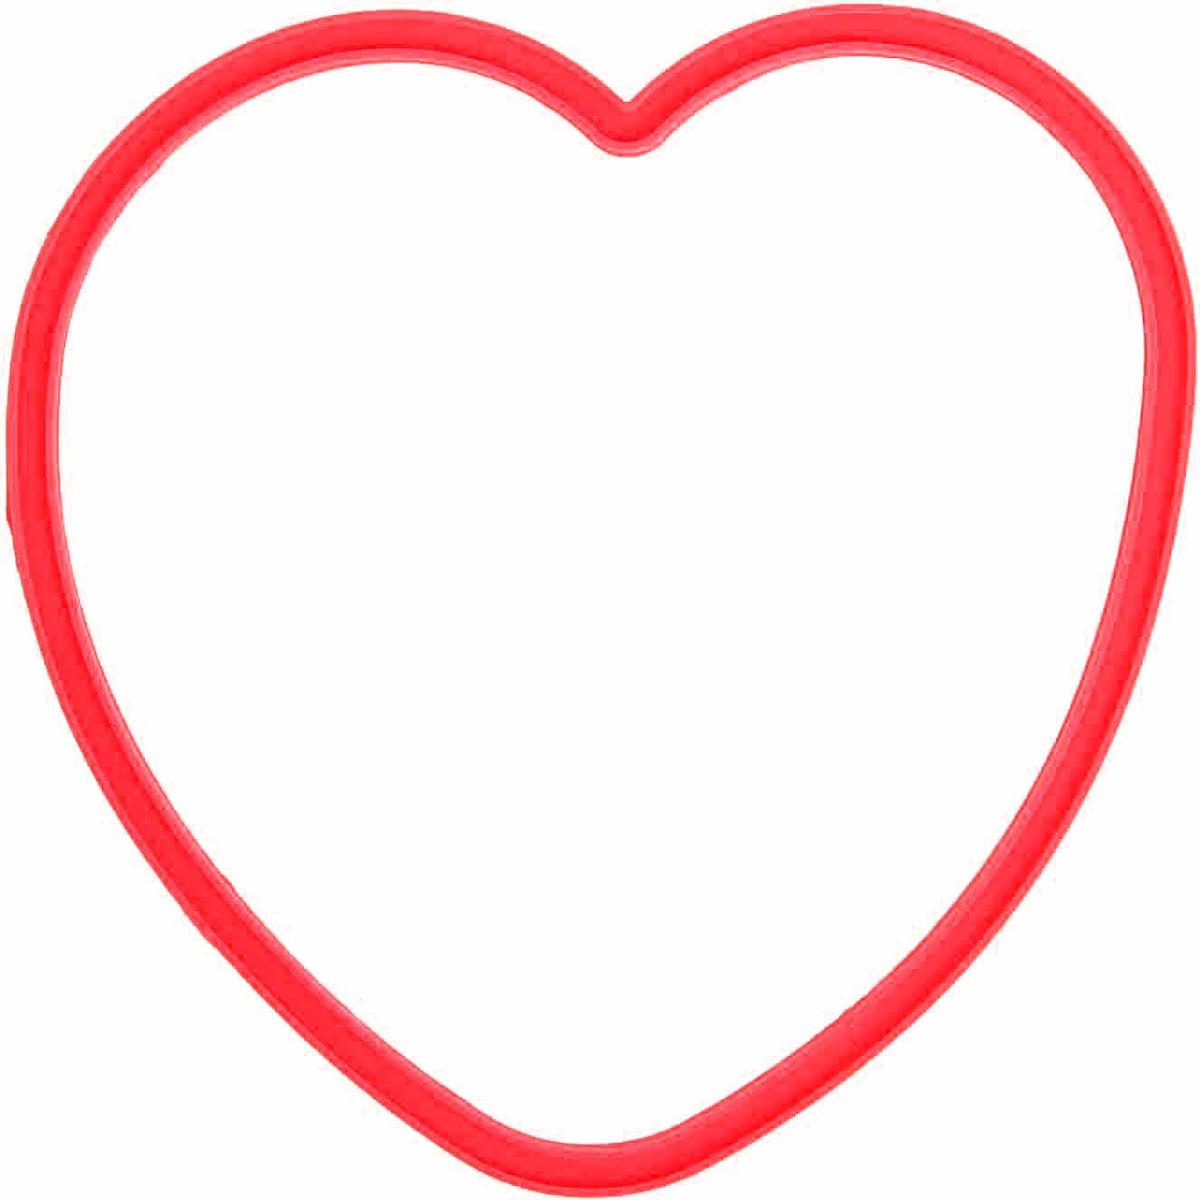 Форма для яичницы и блинов Доляна Любовь, цвет: красный, 12 х 11 см811917_красныйВкусные блины, оладьи, омлеты и яичницы нравятся всем. Сделать хорошо знакомые блюда поводом для кулинарной гордости поможет специальная форма из силикона Доляна Любовь. Налейте на сковороду масло и поставьте на средний огонь, расположите форму в центре и наполните ее тестом или разбейте внутрь яйцо, обжаривайте до готовности. Силикон обладает важными достоинствами: выдерживает температуру от 40 до +230 °C; не обжигает руки при готовке; легко отмывается, в том числе в посудомоечной машине; благодаря высокой гибкости и прочности служит долгое время.Размер: 12 х 11см.